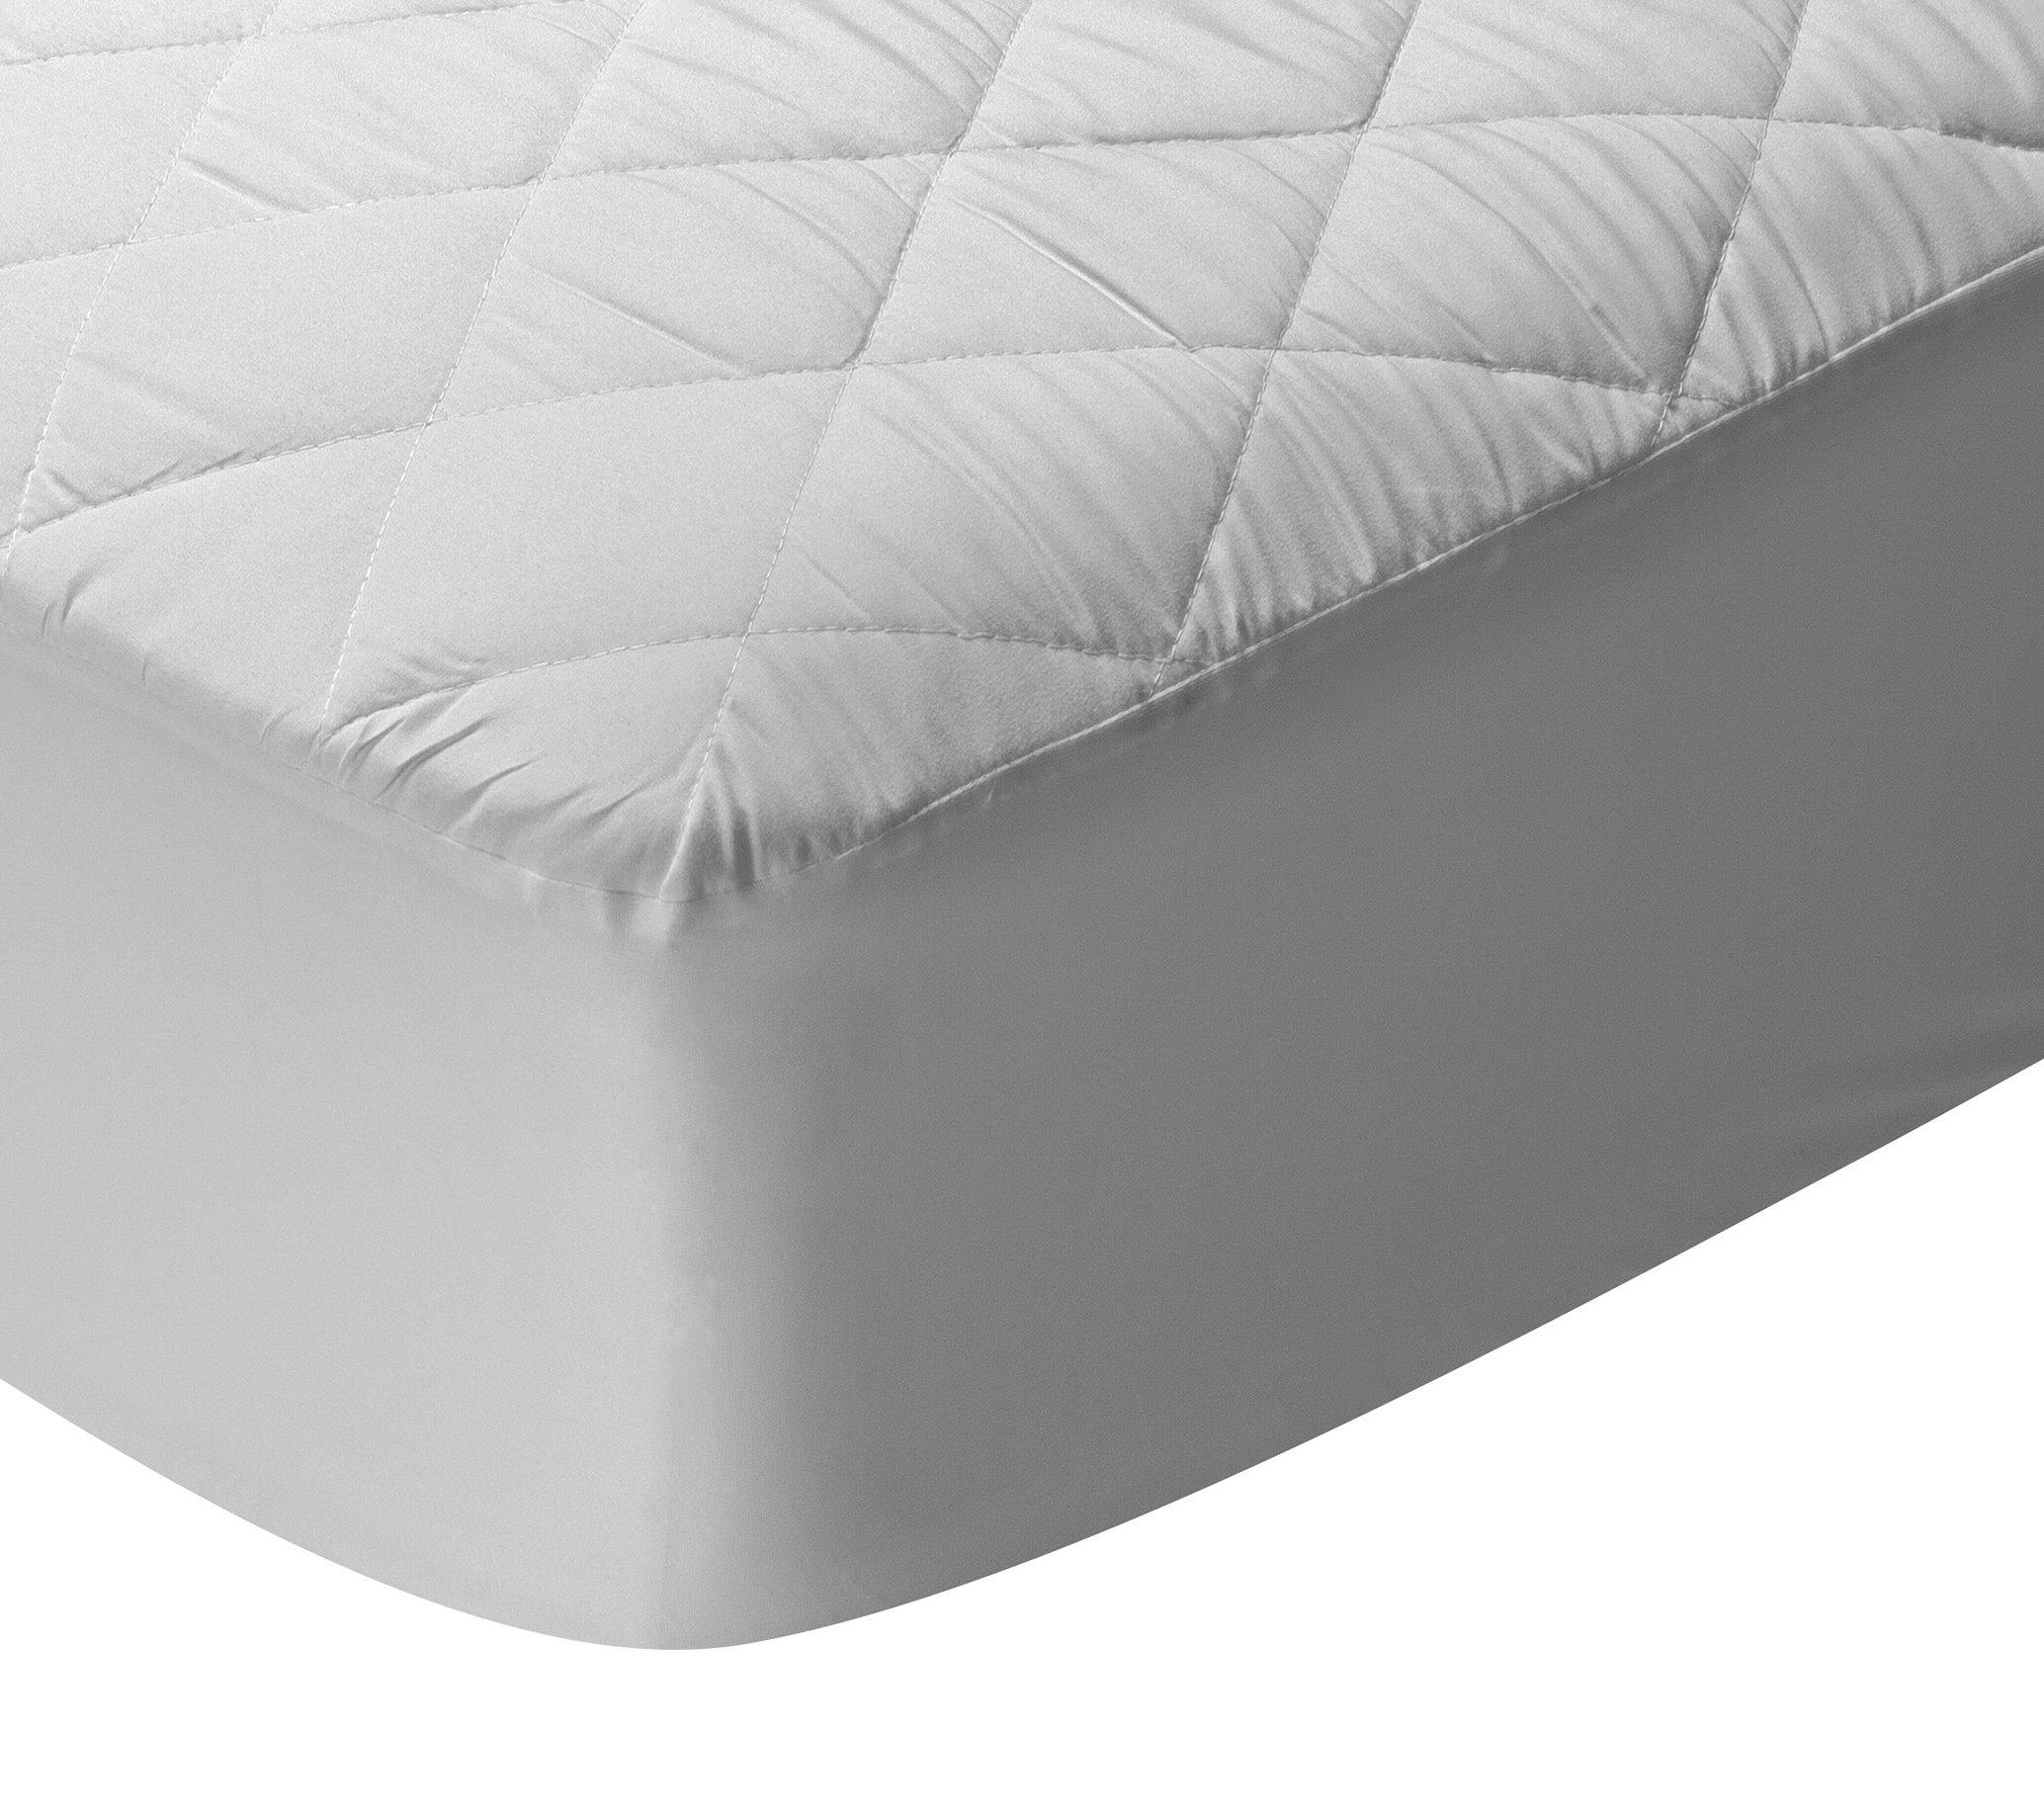 Pikolin Home - Protector de colchón acolchado cubre colchón de fibra, impermeable, antiácaros,